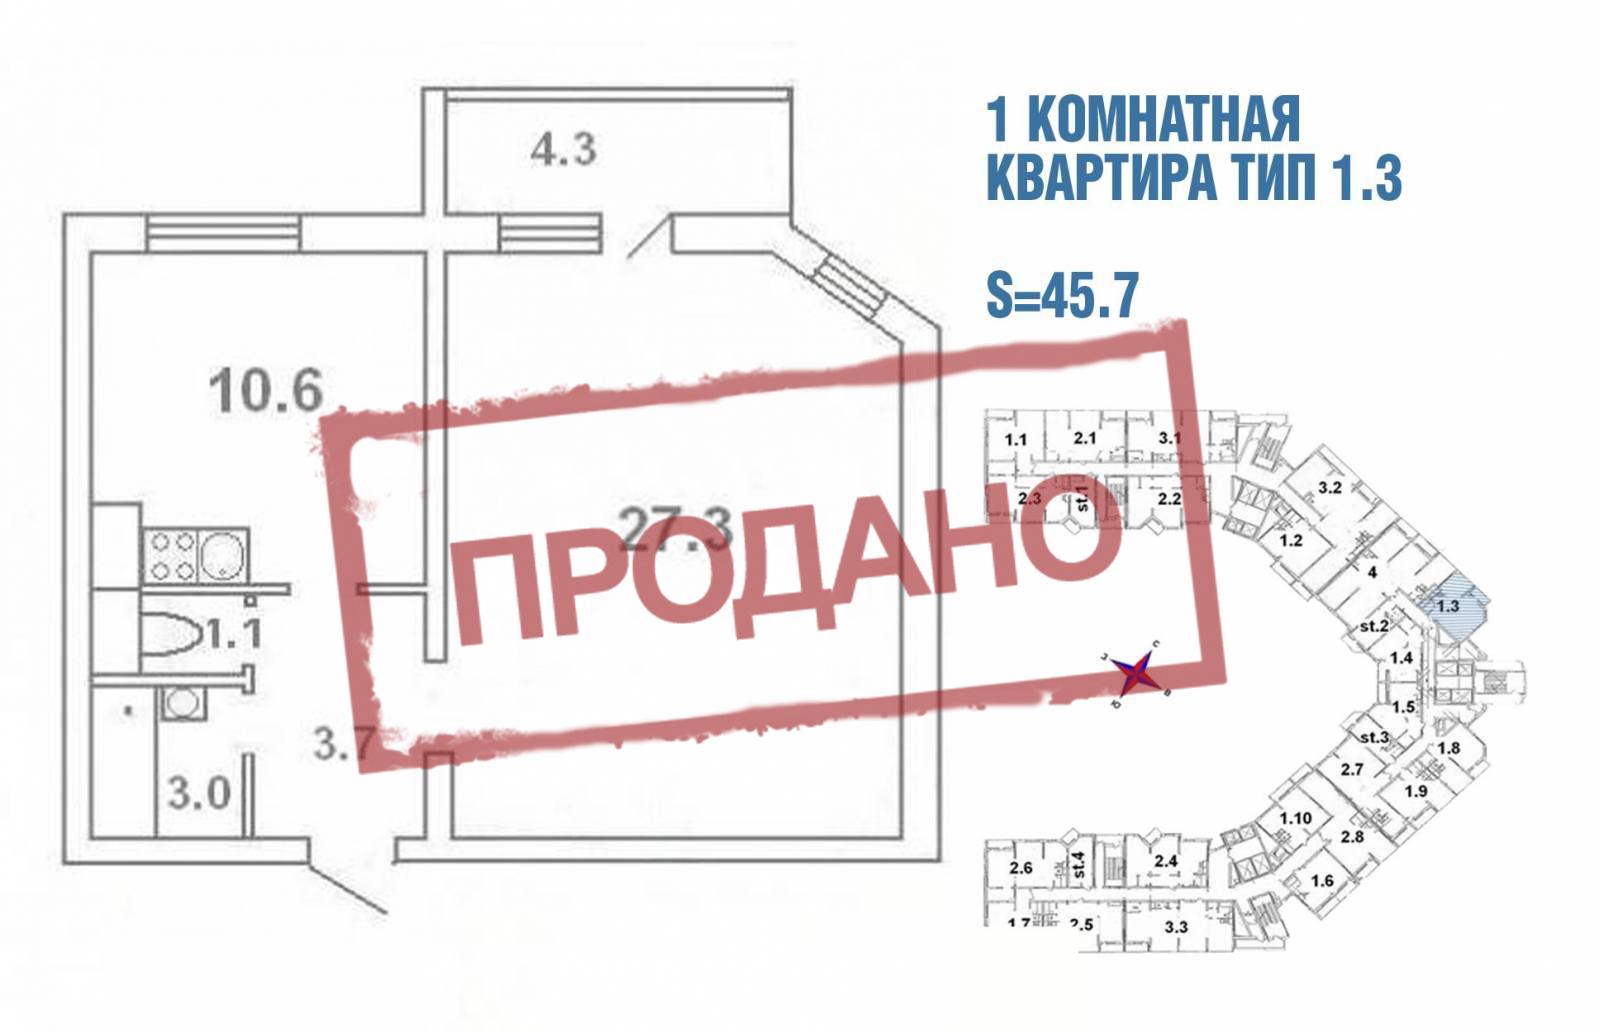 1 комнатная квартира тип 1.3 - 45,7 кв.м.